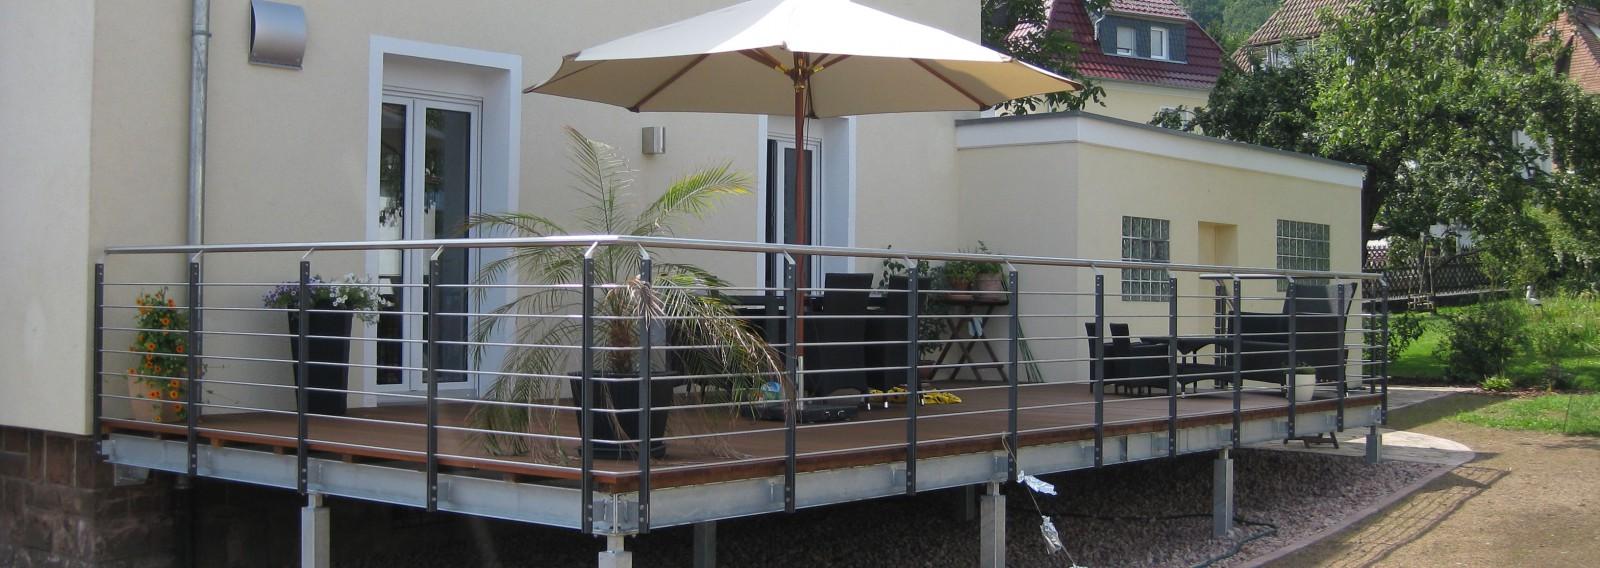 Terrasse Mit Geländer metallbau kunkel in partenstein - schlosserei, treppenbau